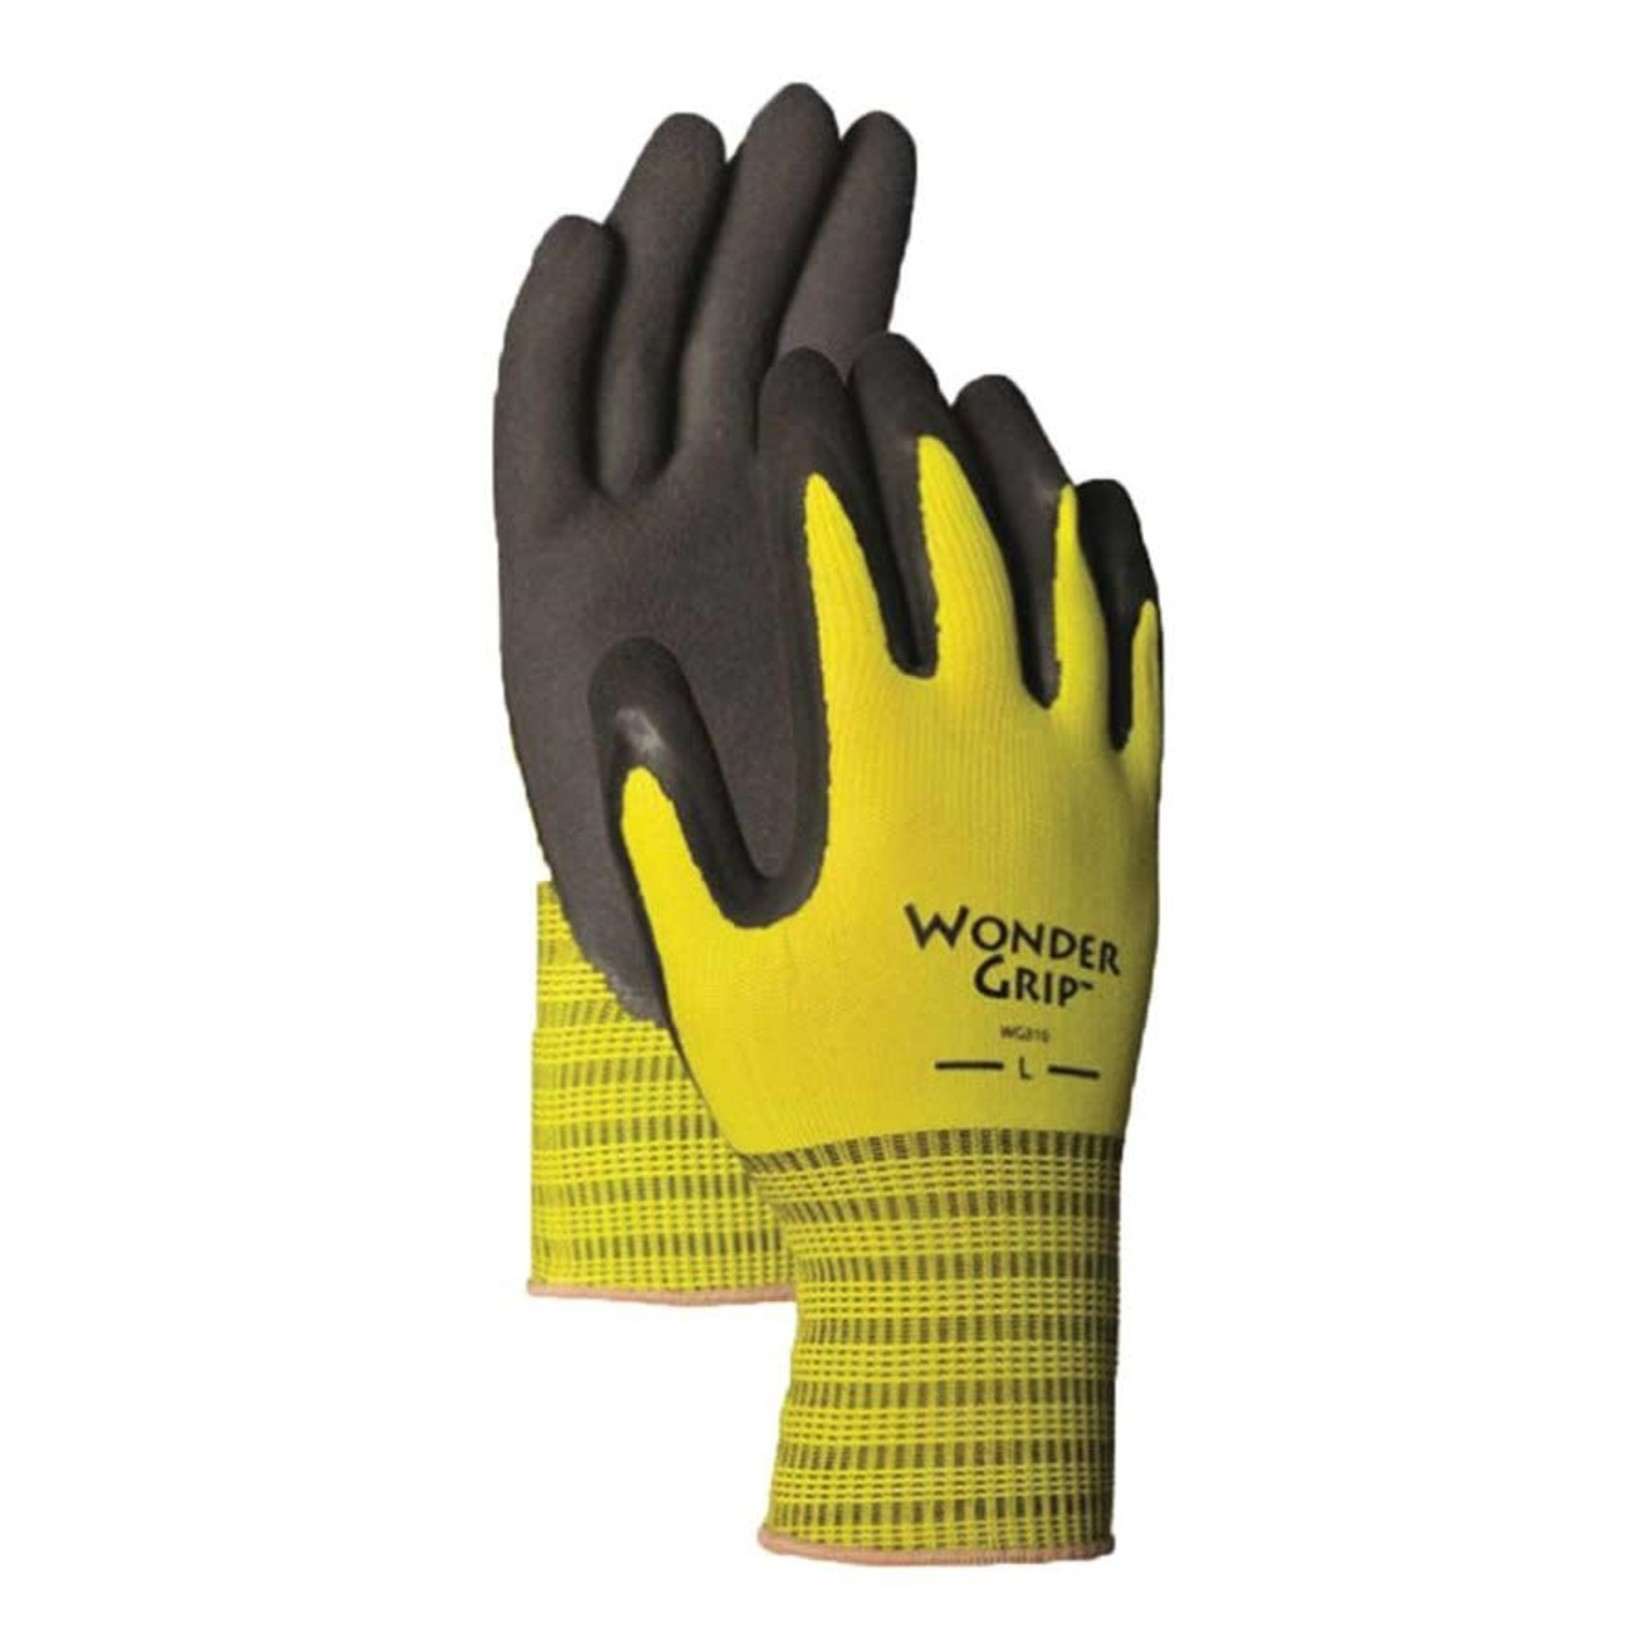 Garden Gloves - Wonder Grip 310 with Rubber - Small